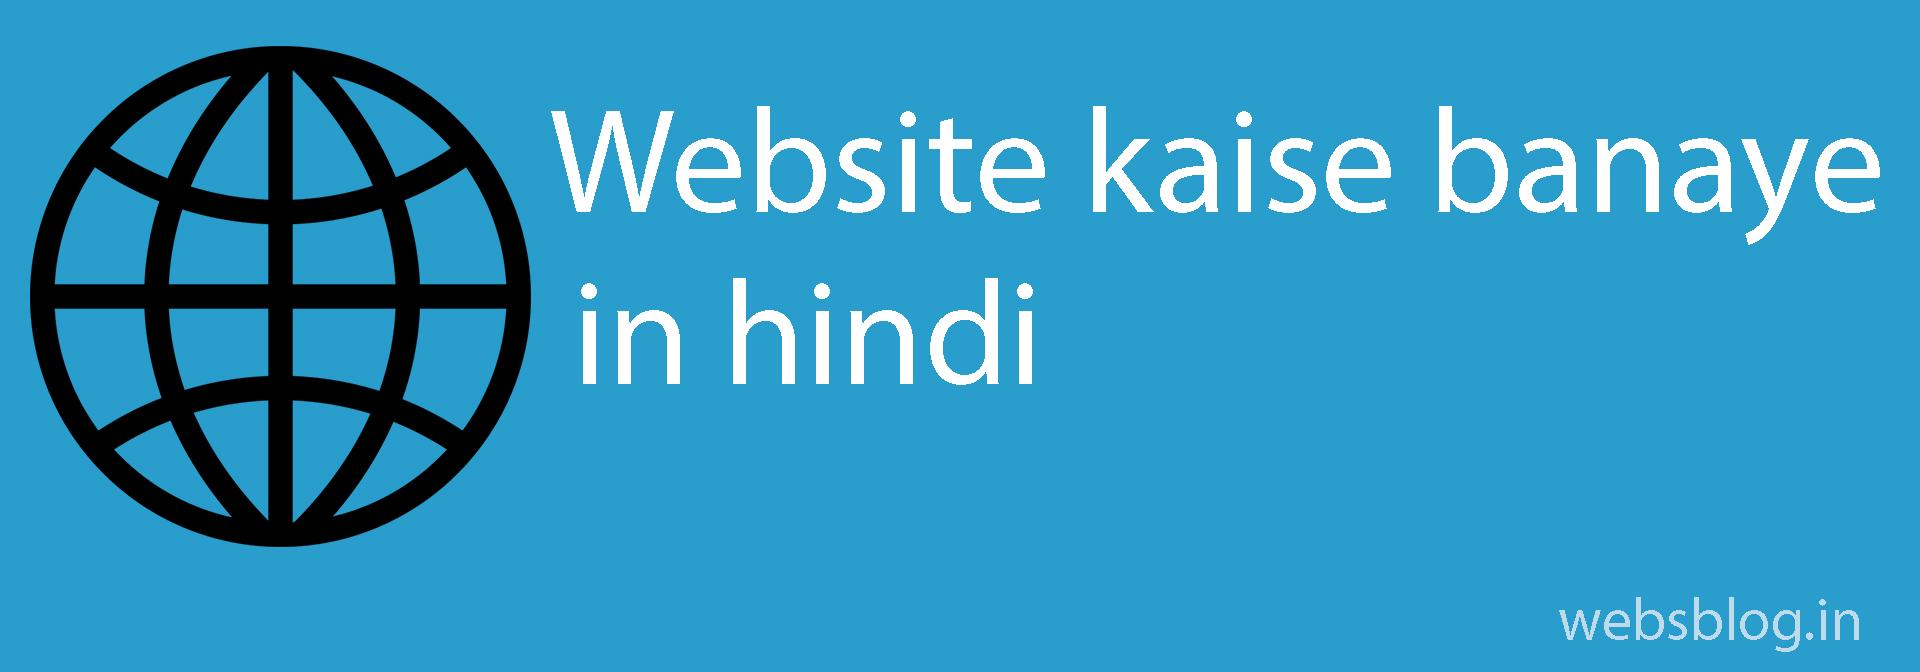 Website kaise banaye in hindi